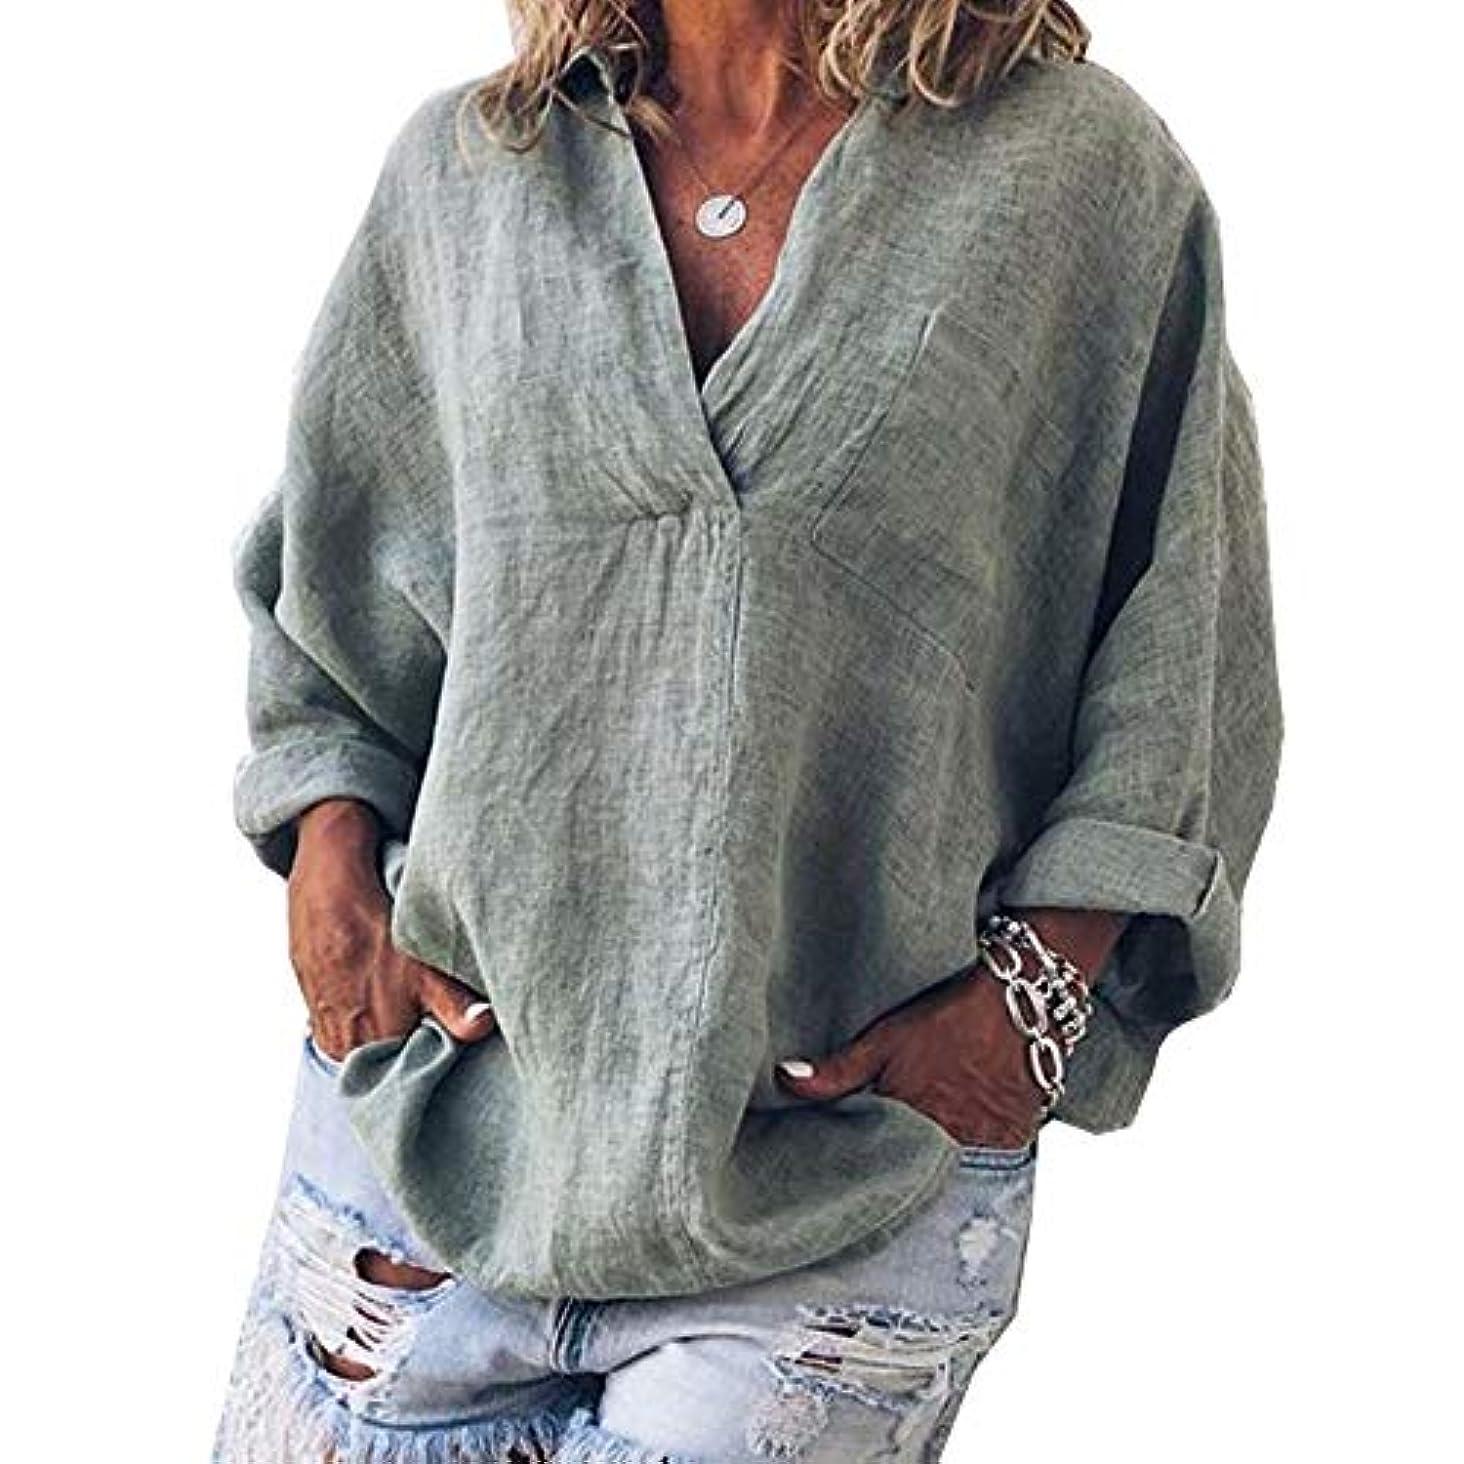 オペレーターに対処する葬儀MIFAN女性ファッション春夏チュニックトップス深いVネックTシャツ長袖プルオーバールーズリネンブラウス